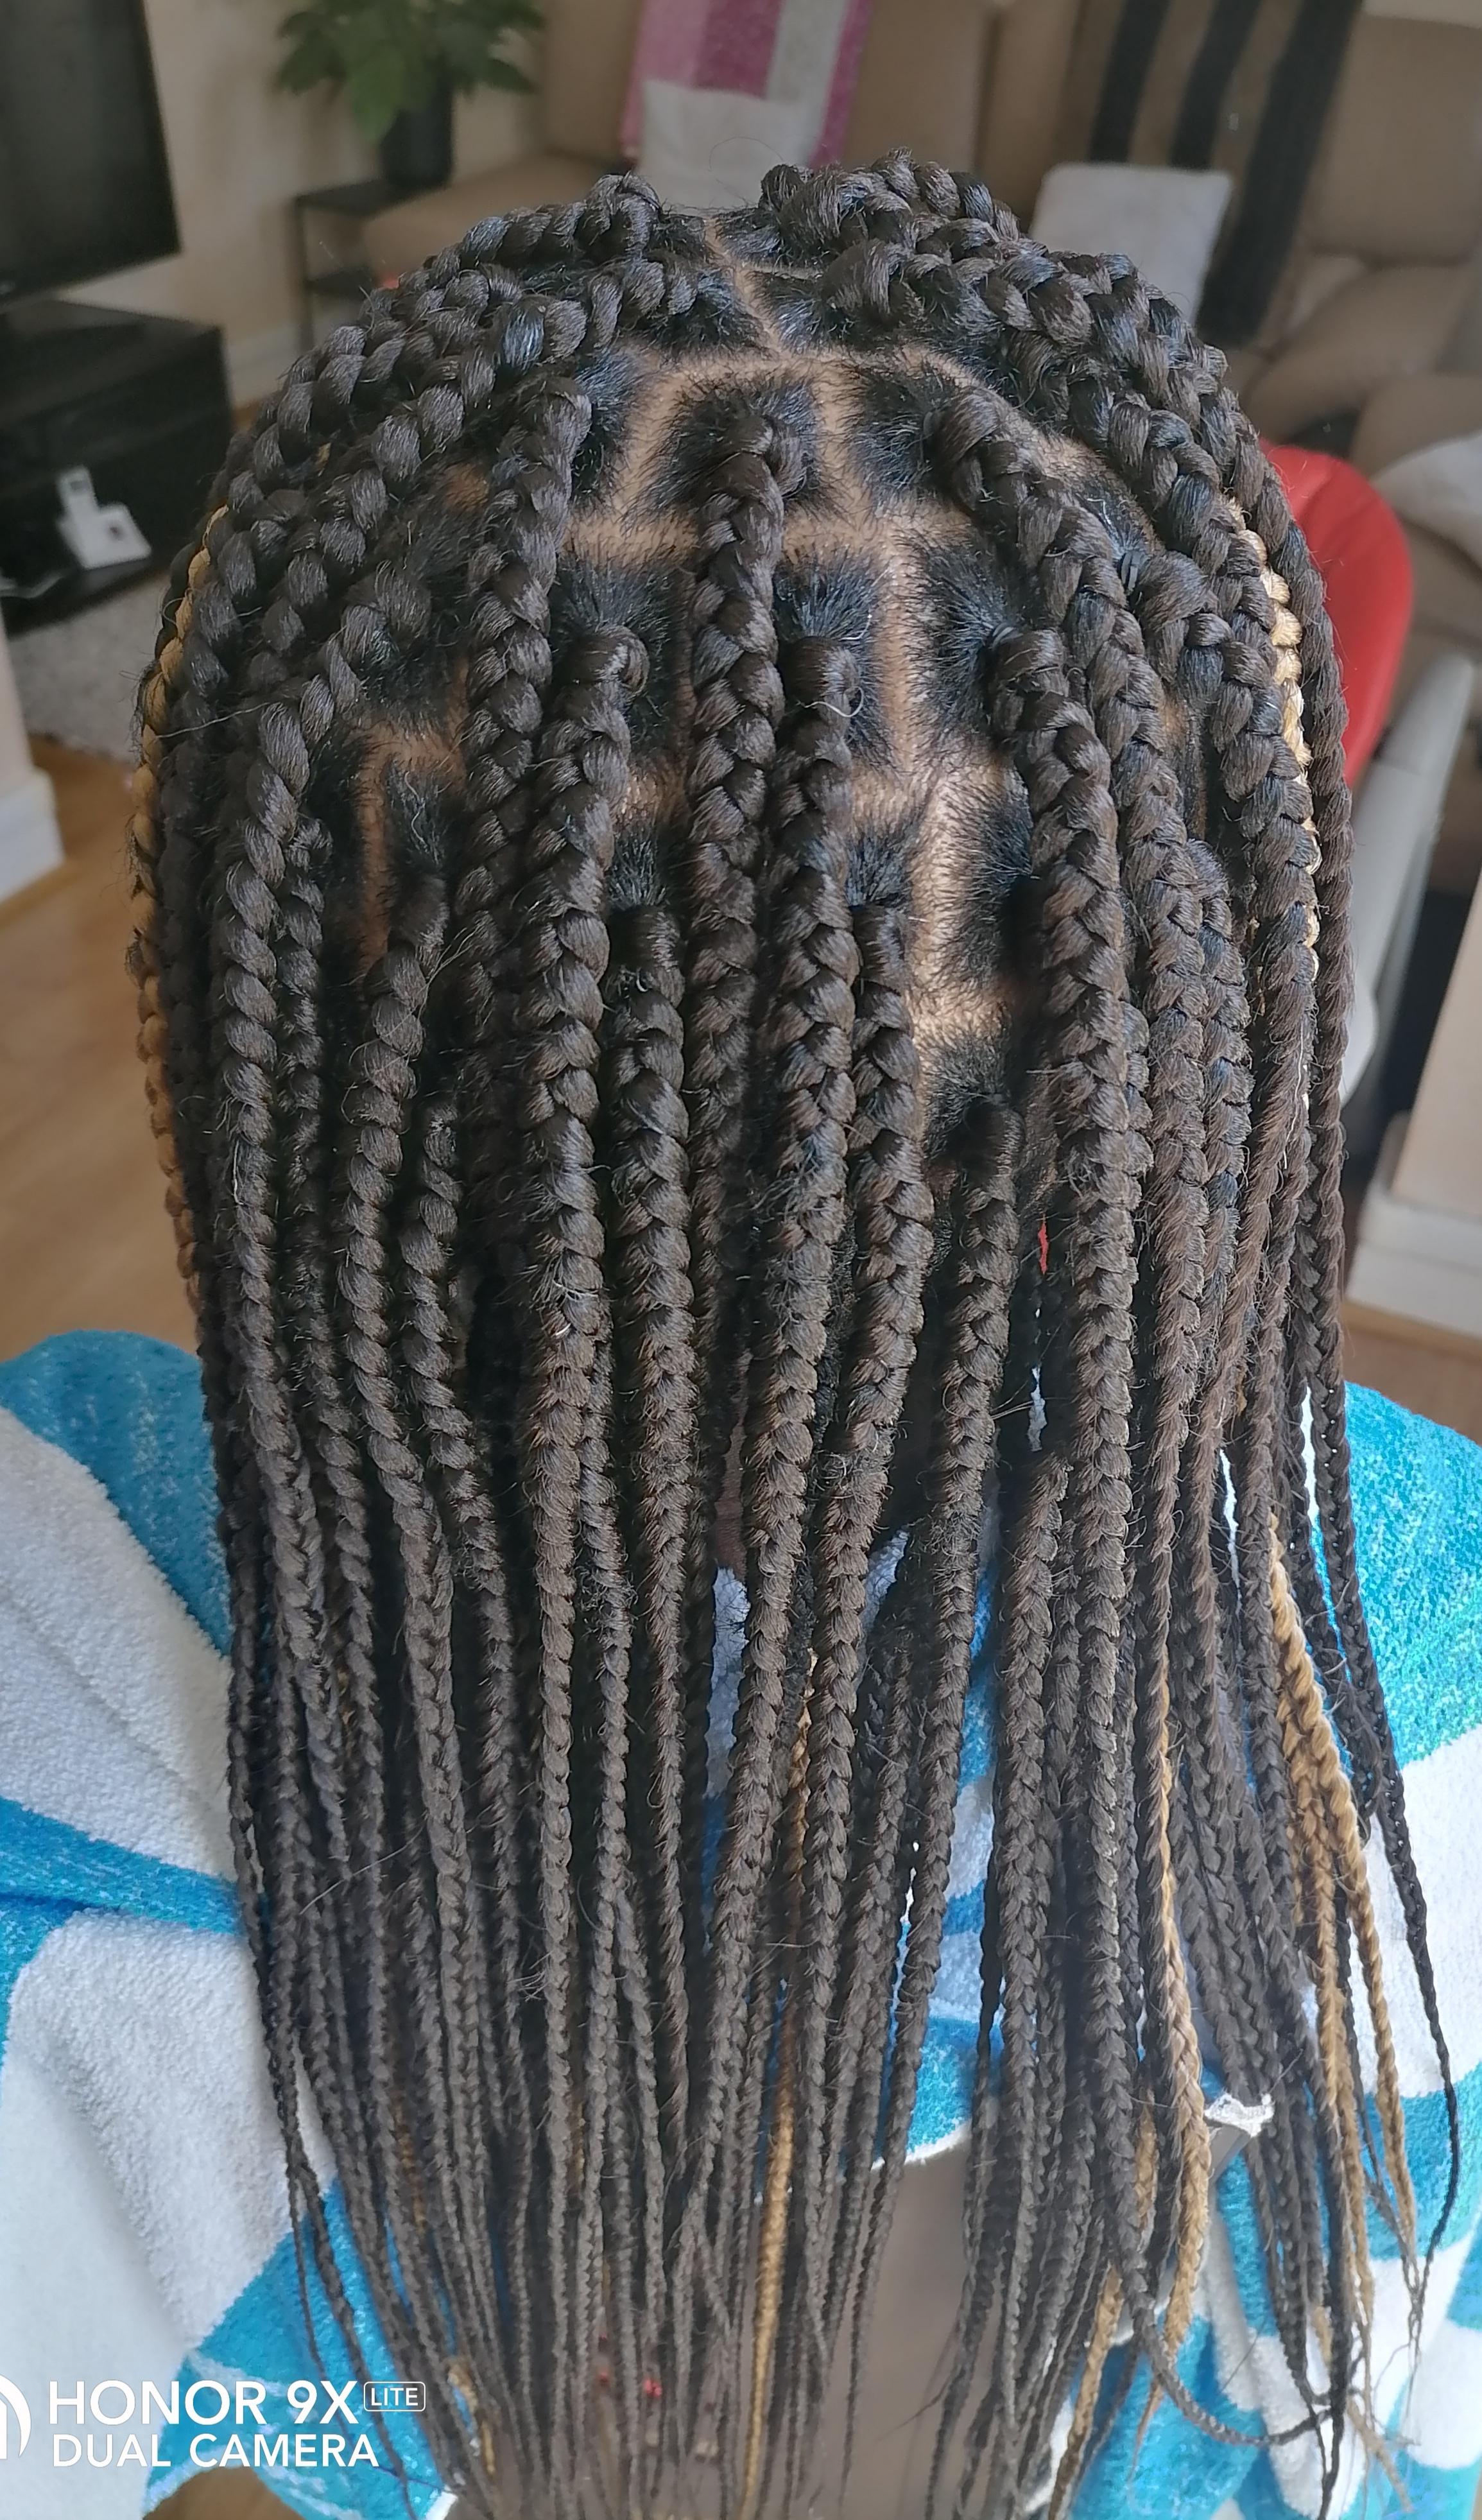 salon de coiffure afro tresse tresses box braids crochet braids vanilles tissages paris 75 77 78 91 92 93 94 95 XIXHYRKE